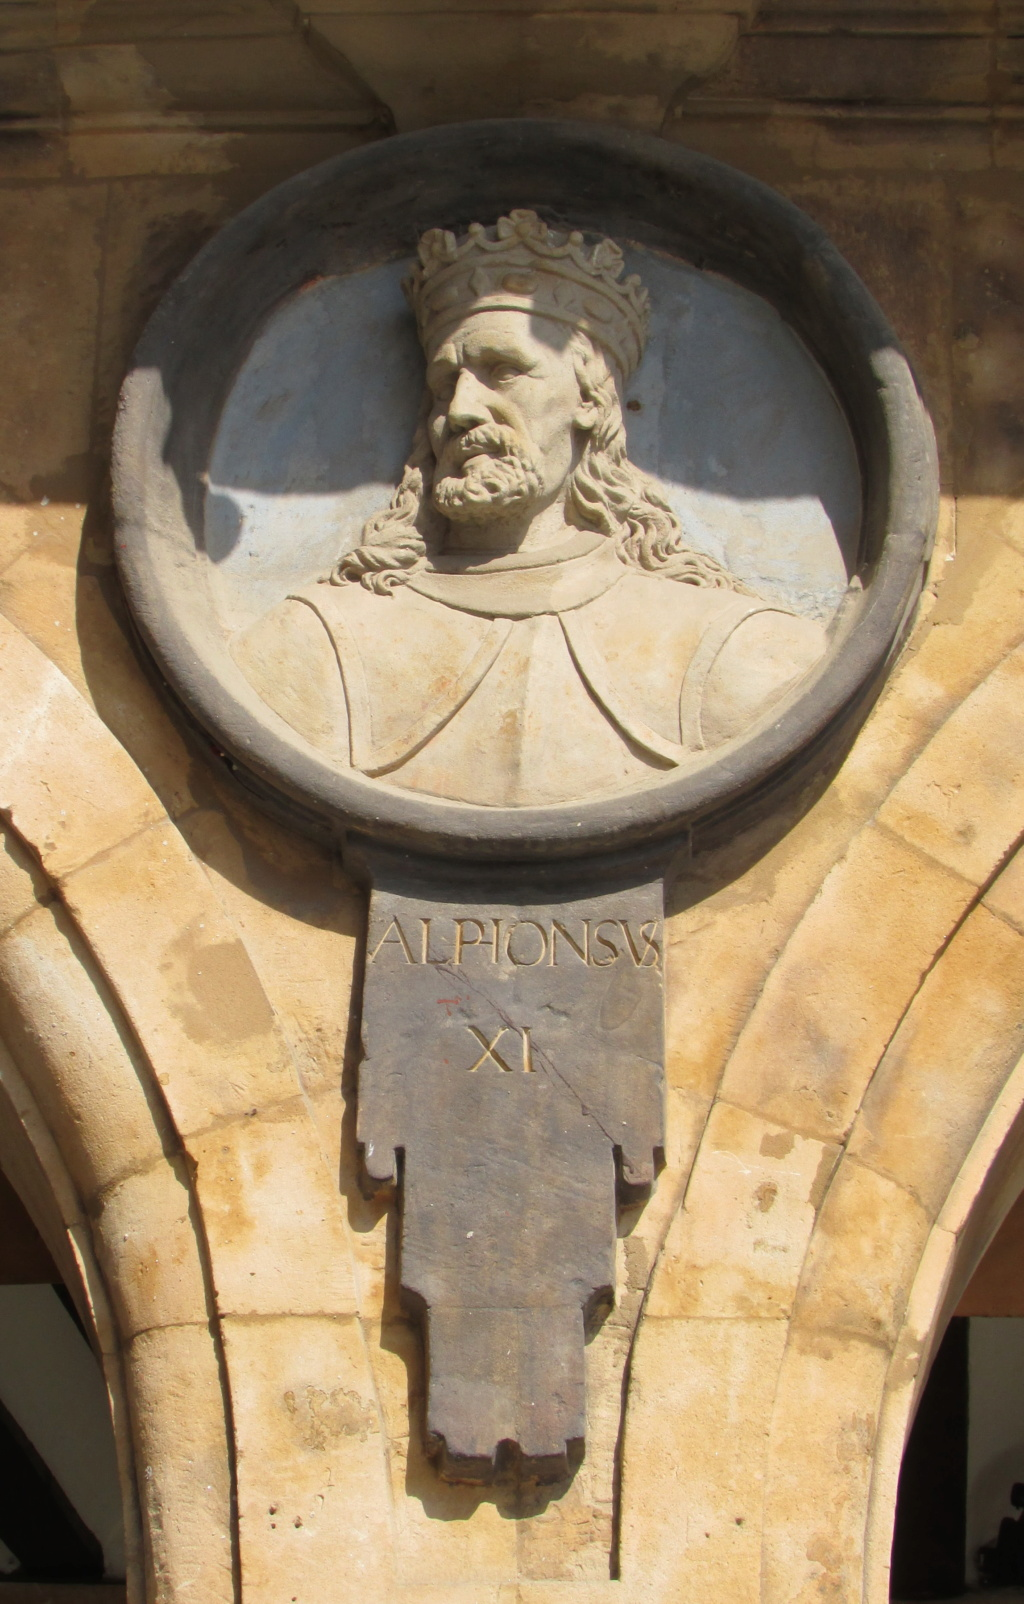 ⭐ PRESENTACION DE PIEZAS, CONCURSO⭐ Alfons13